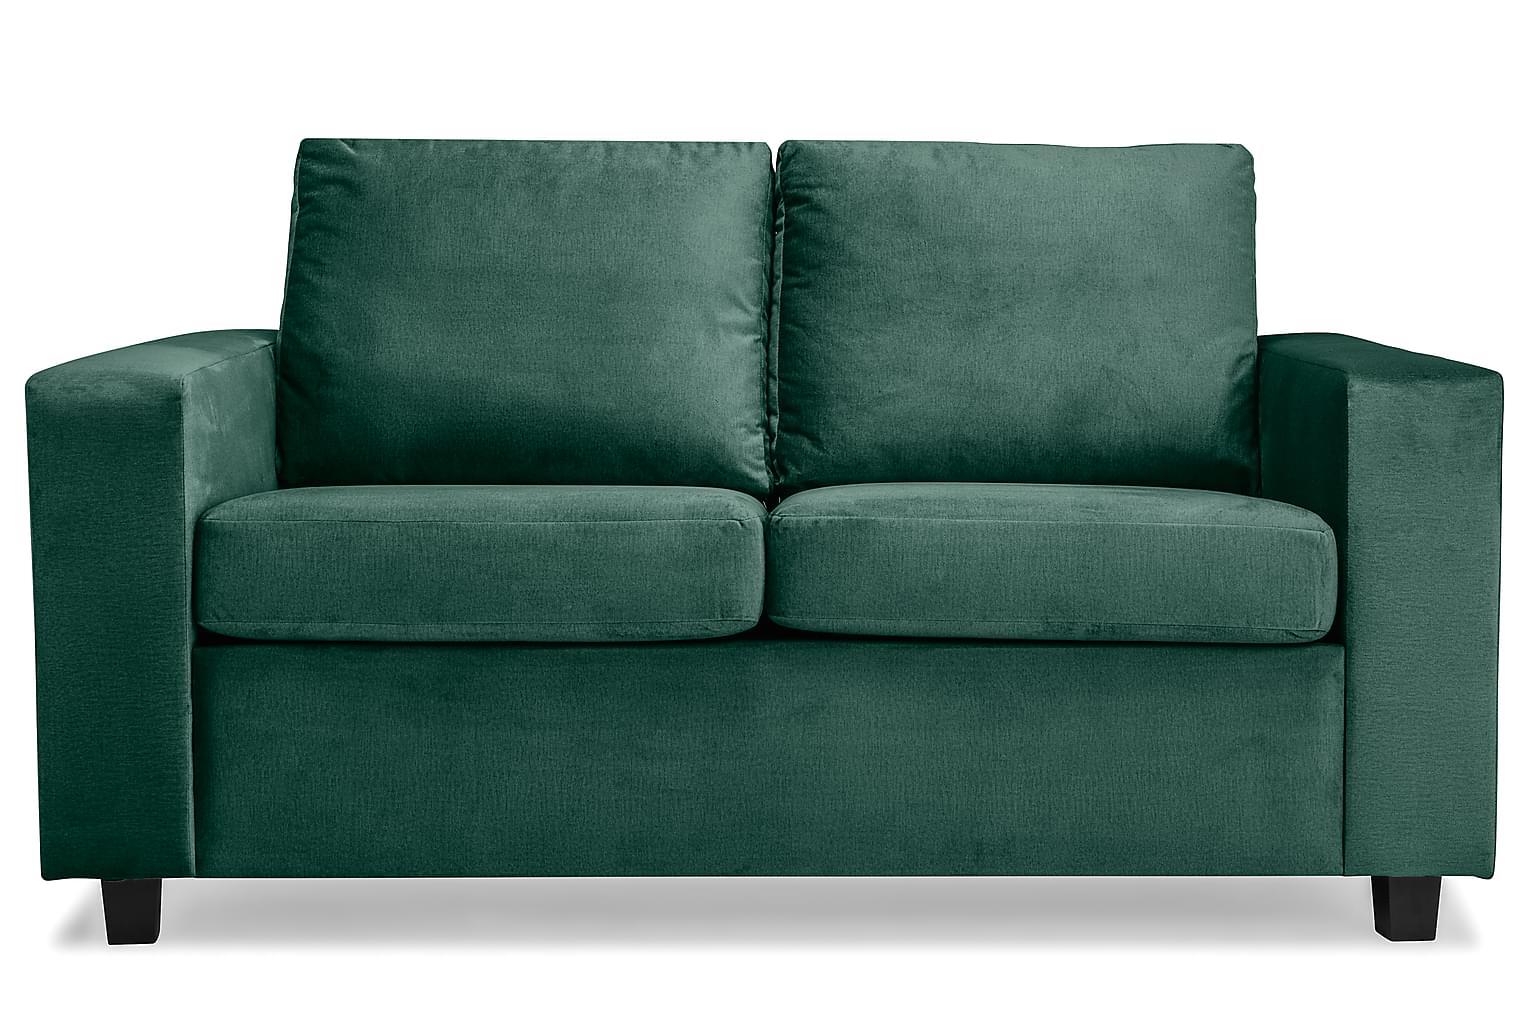 NEW YORK 2-Sits Soffa Sammet Grön Konade Svarta -